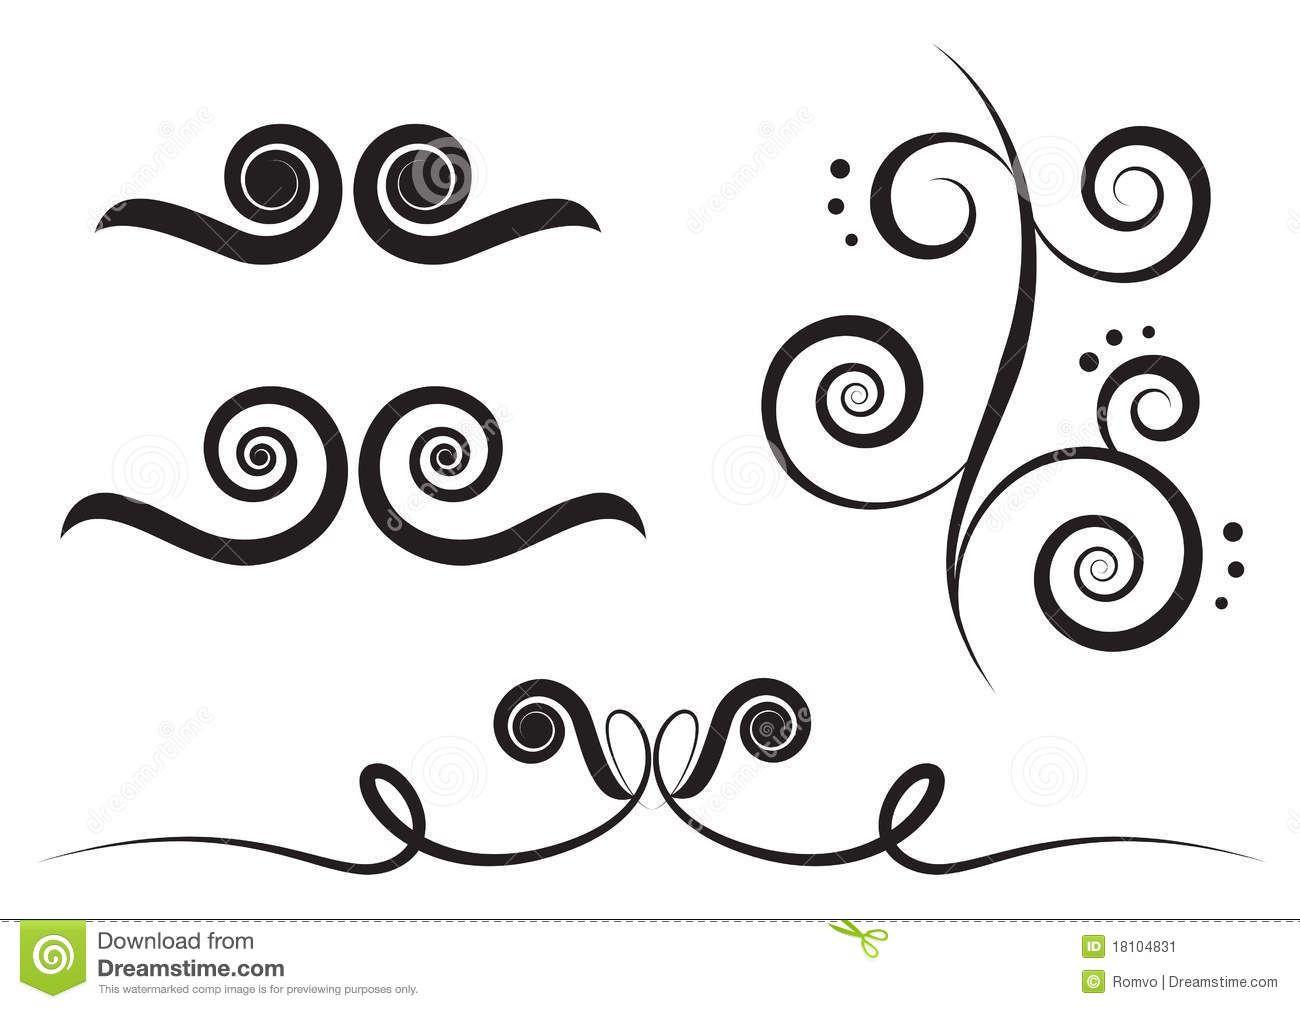 Swirl design clipart free download clip black and white download Simple Swirl Design Clipart - Free Clip Art Images | Face ... clip black and white download